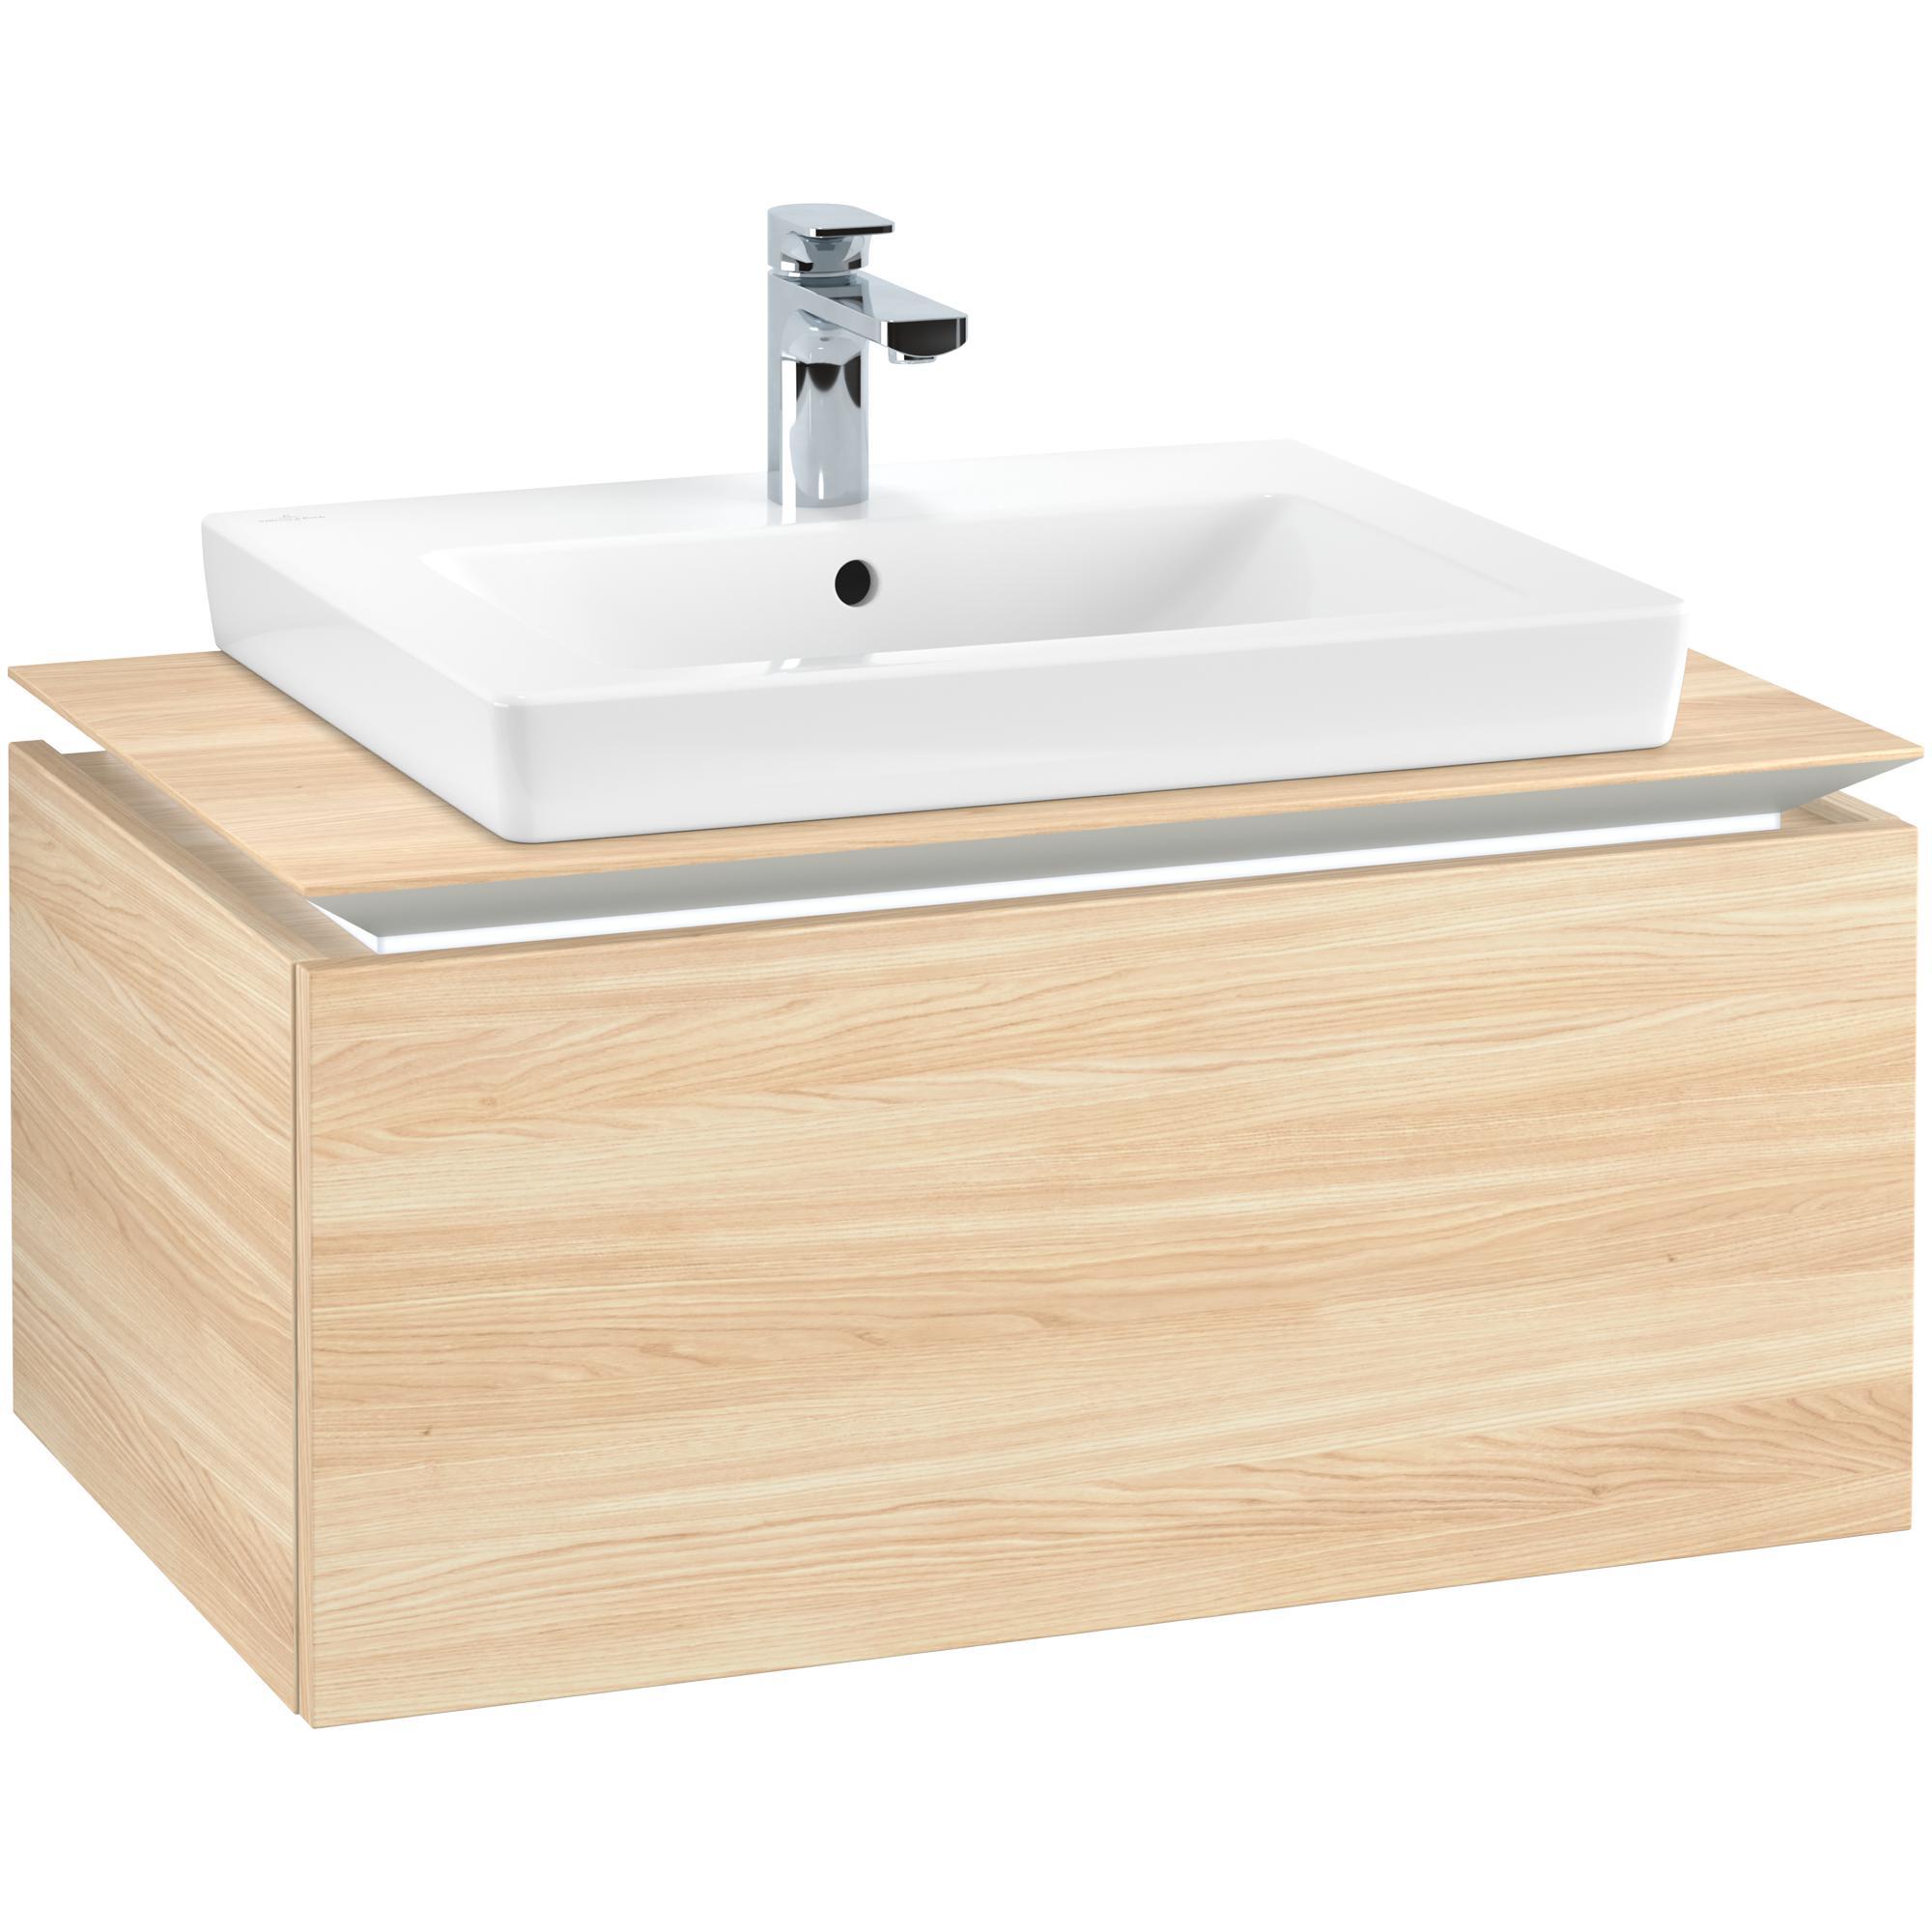 Tvättställsskåp Villeroy & Boch Legato Kompakt 800 med 1 Låda för Tvättställ från Finion & Subway